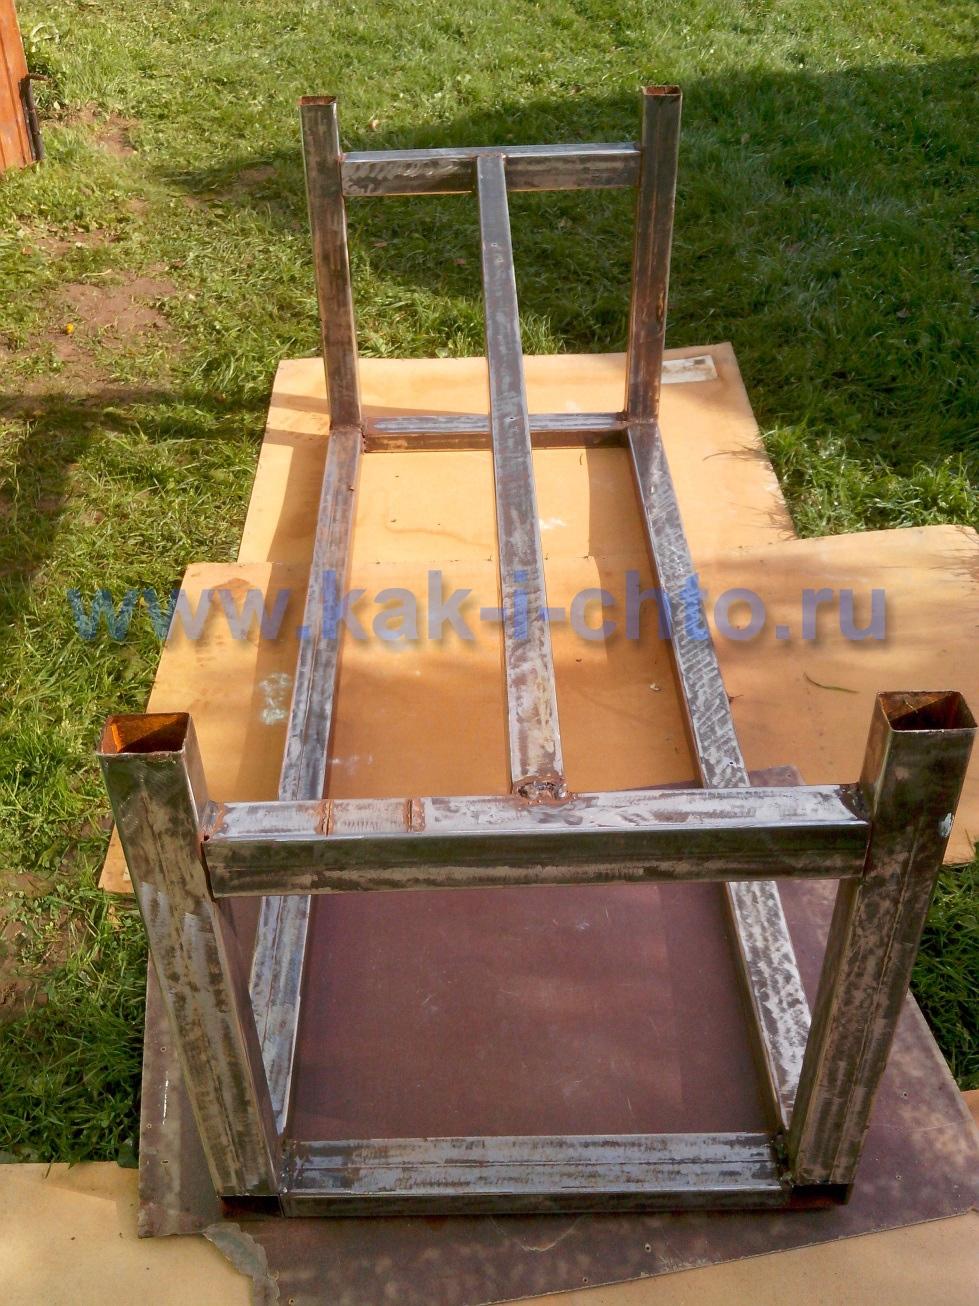 Как сделать стол из металлического профиля своими руками 98